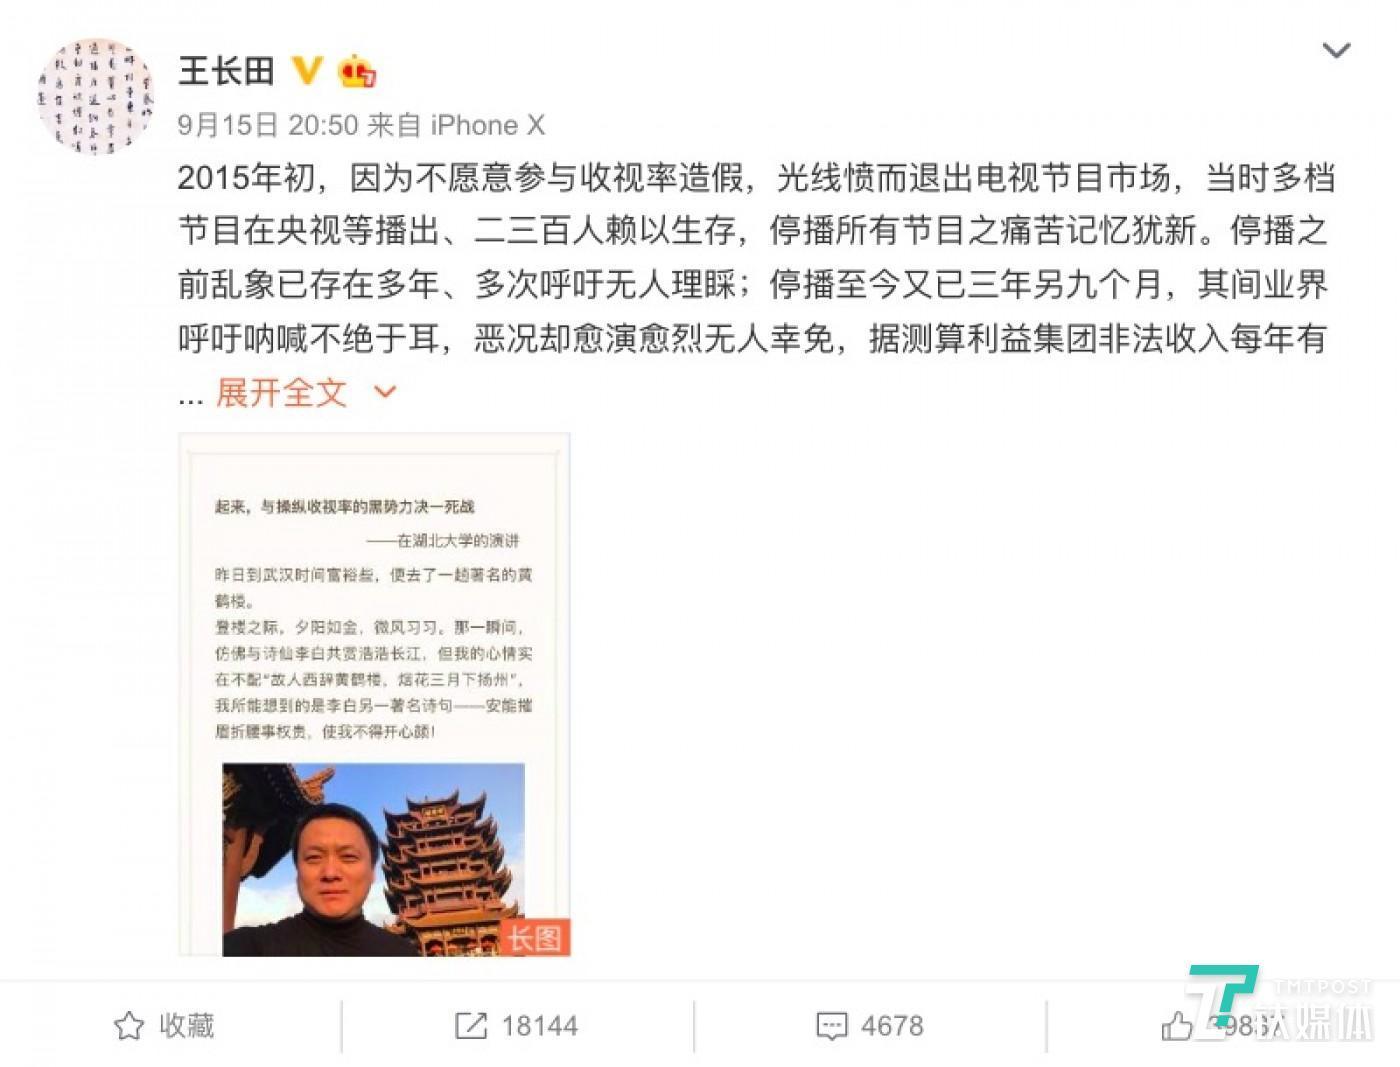 王长田微博截图